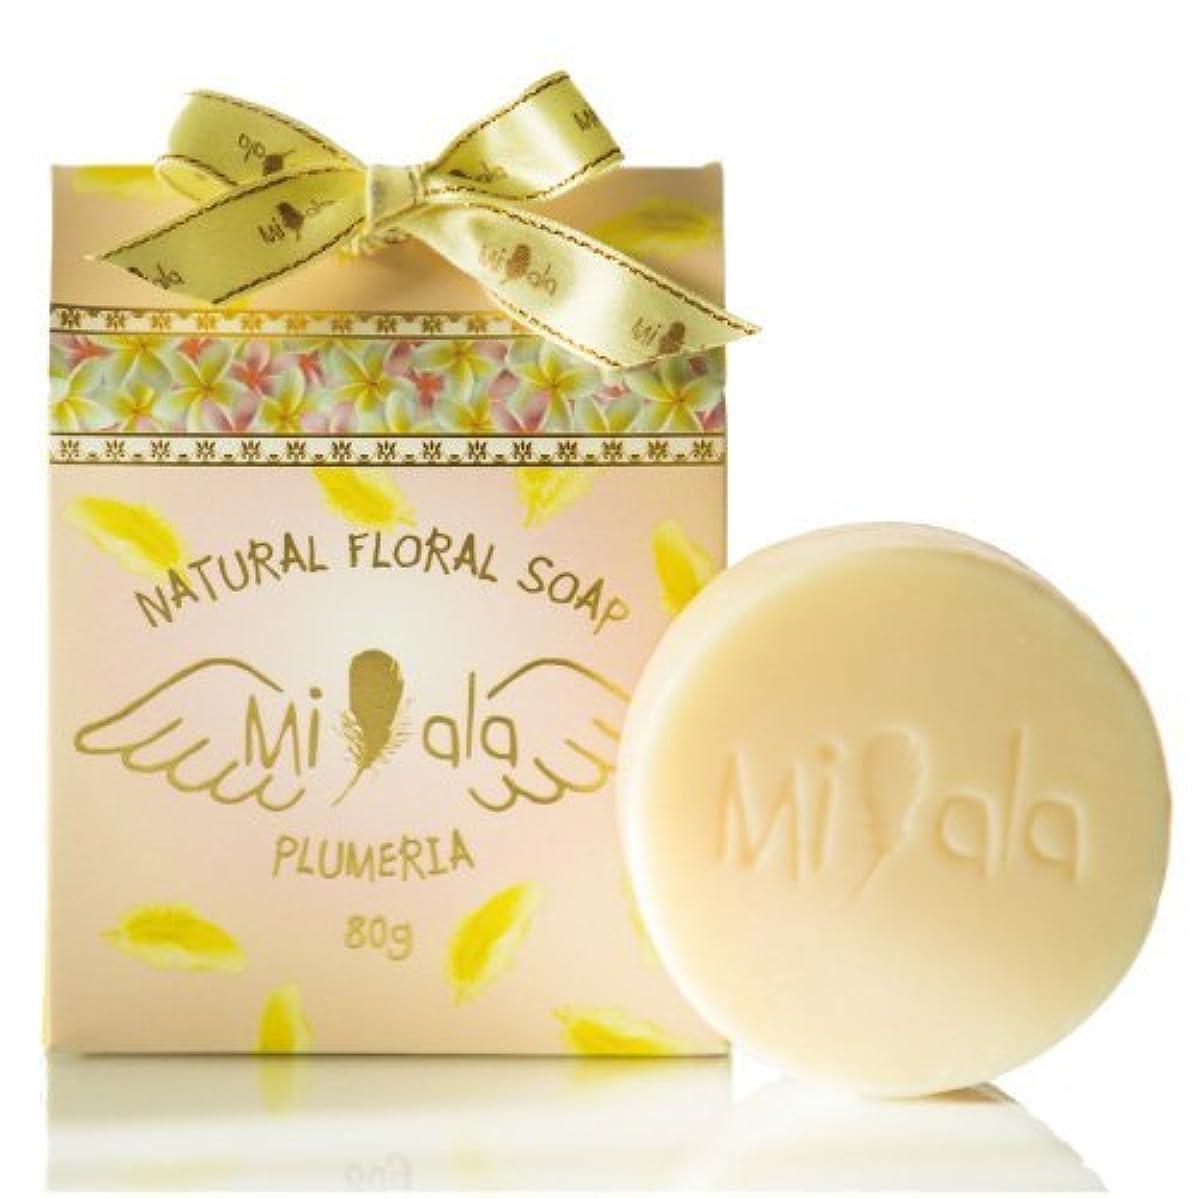 支配的過敏な好奇心盛ミアラ フローラルソープ プルメリアの香り 80g